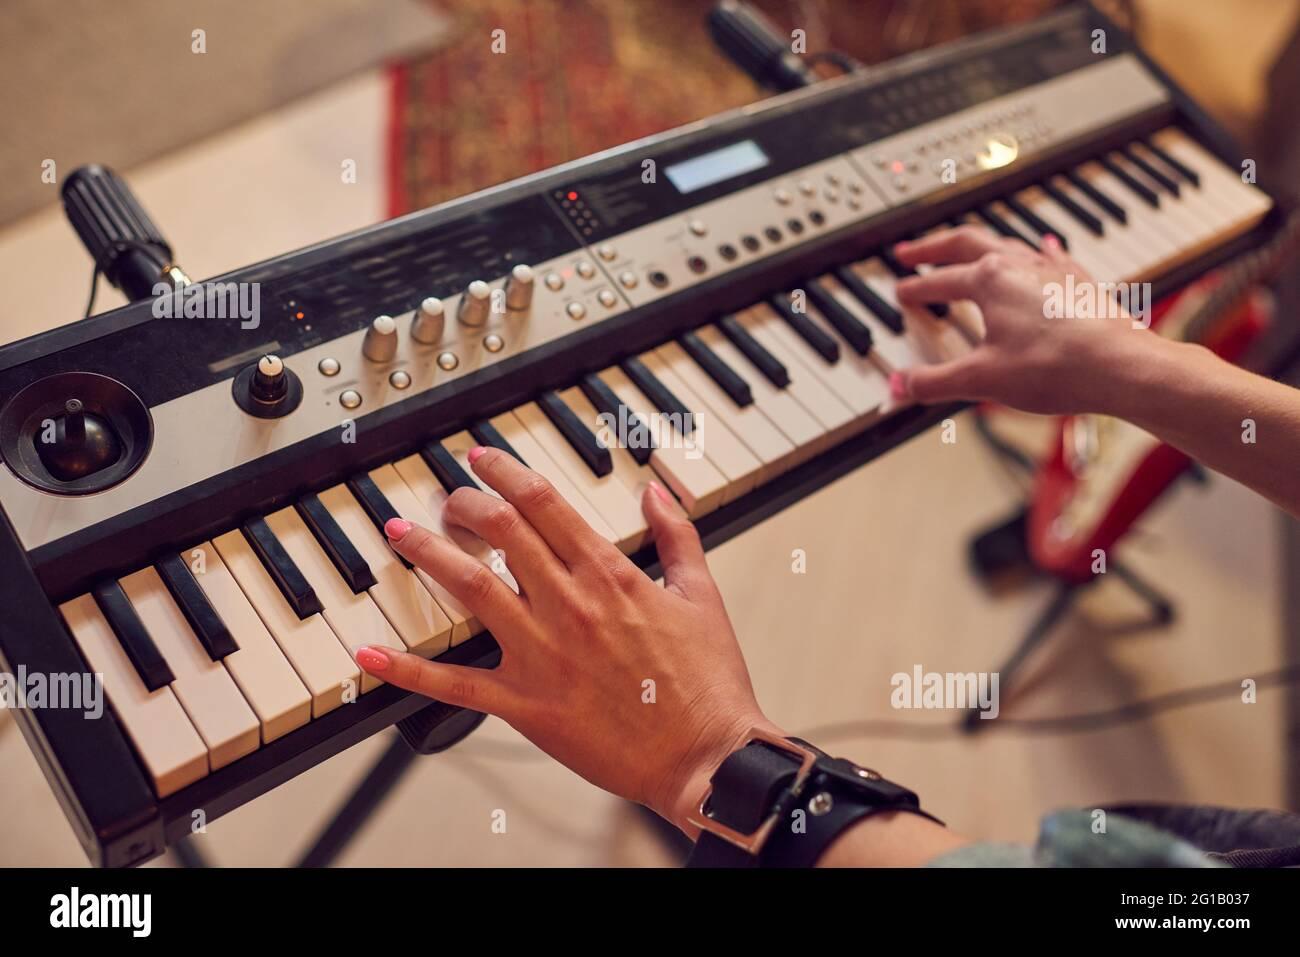 Joven tocando sintetizador en estudio de discos de sonido Foto de stock